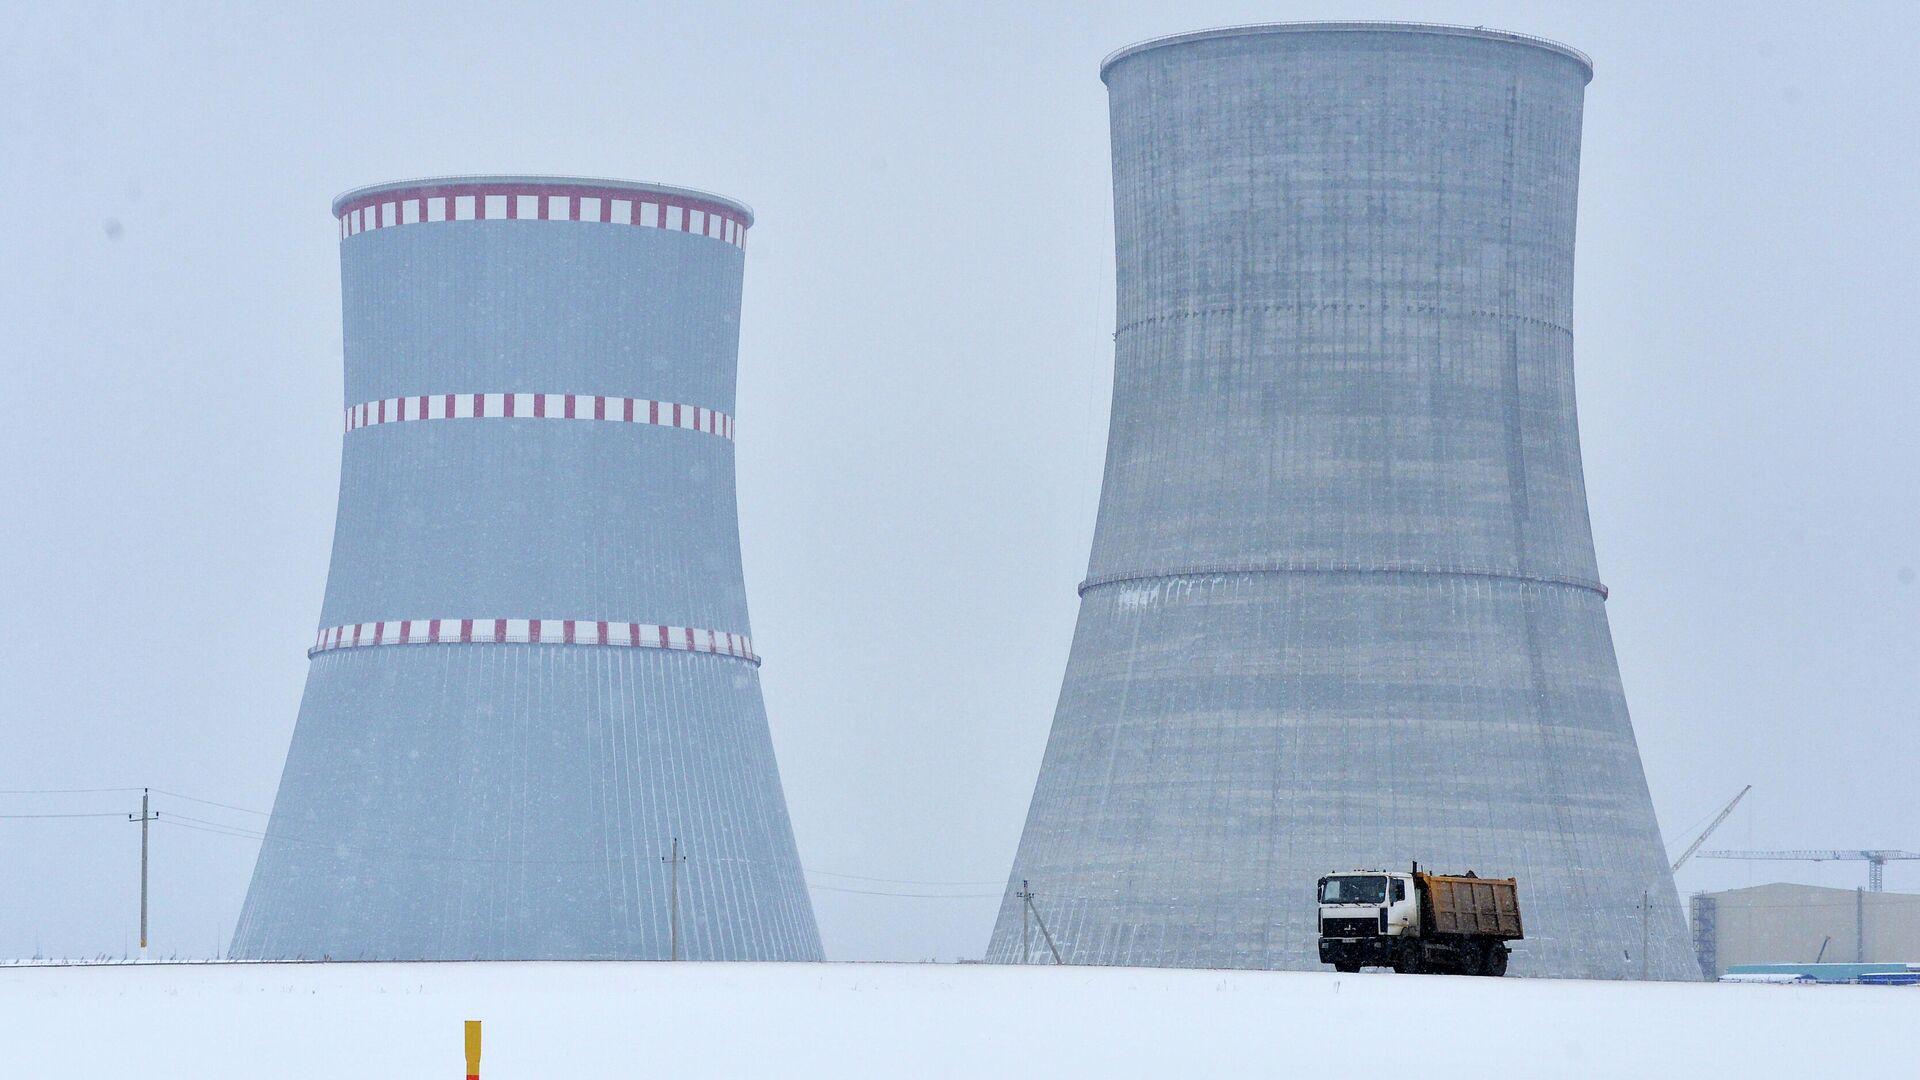 Белорусская АЭС - РИА Новости, 1920, 15.02.2021